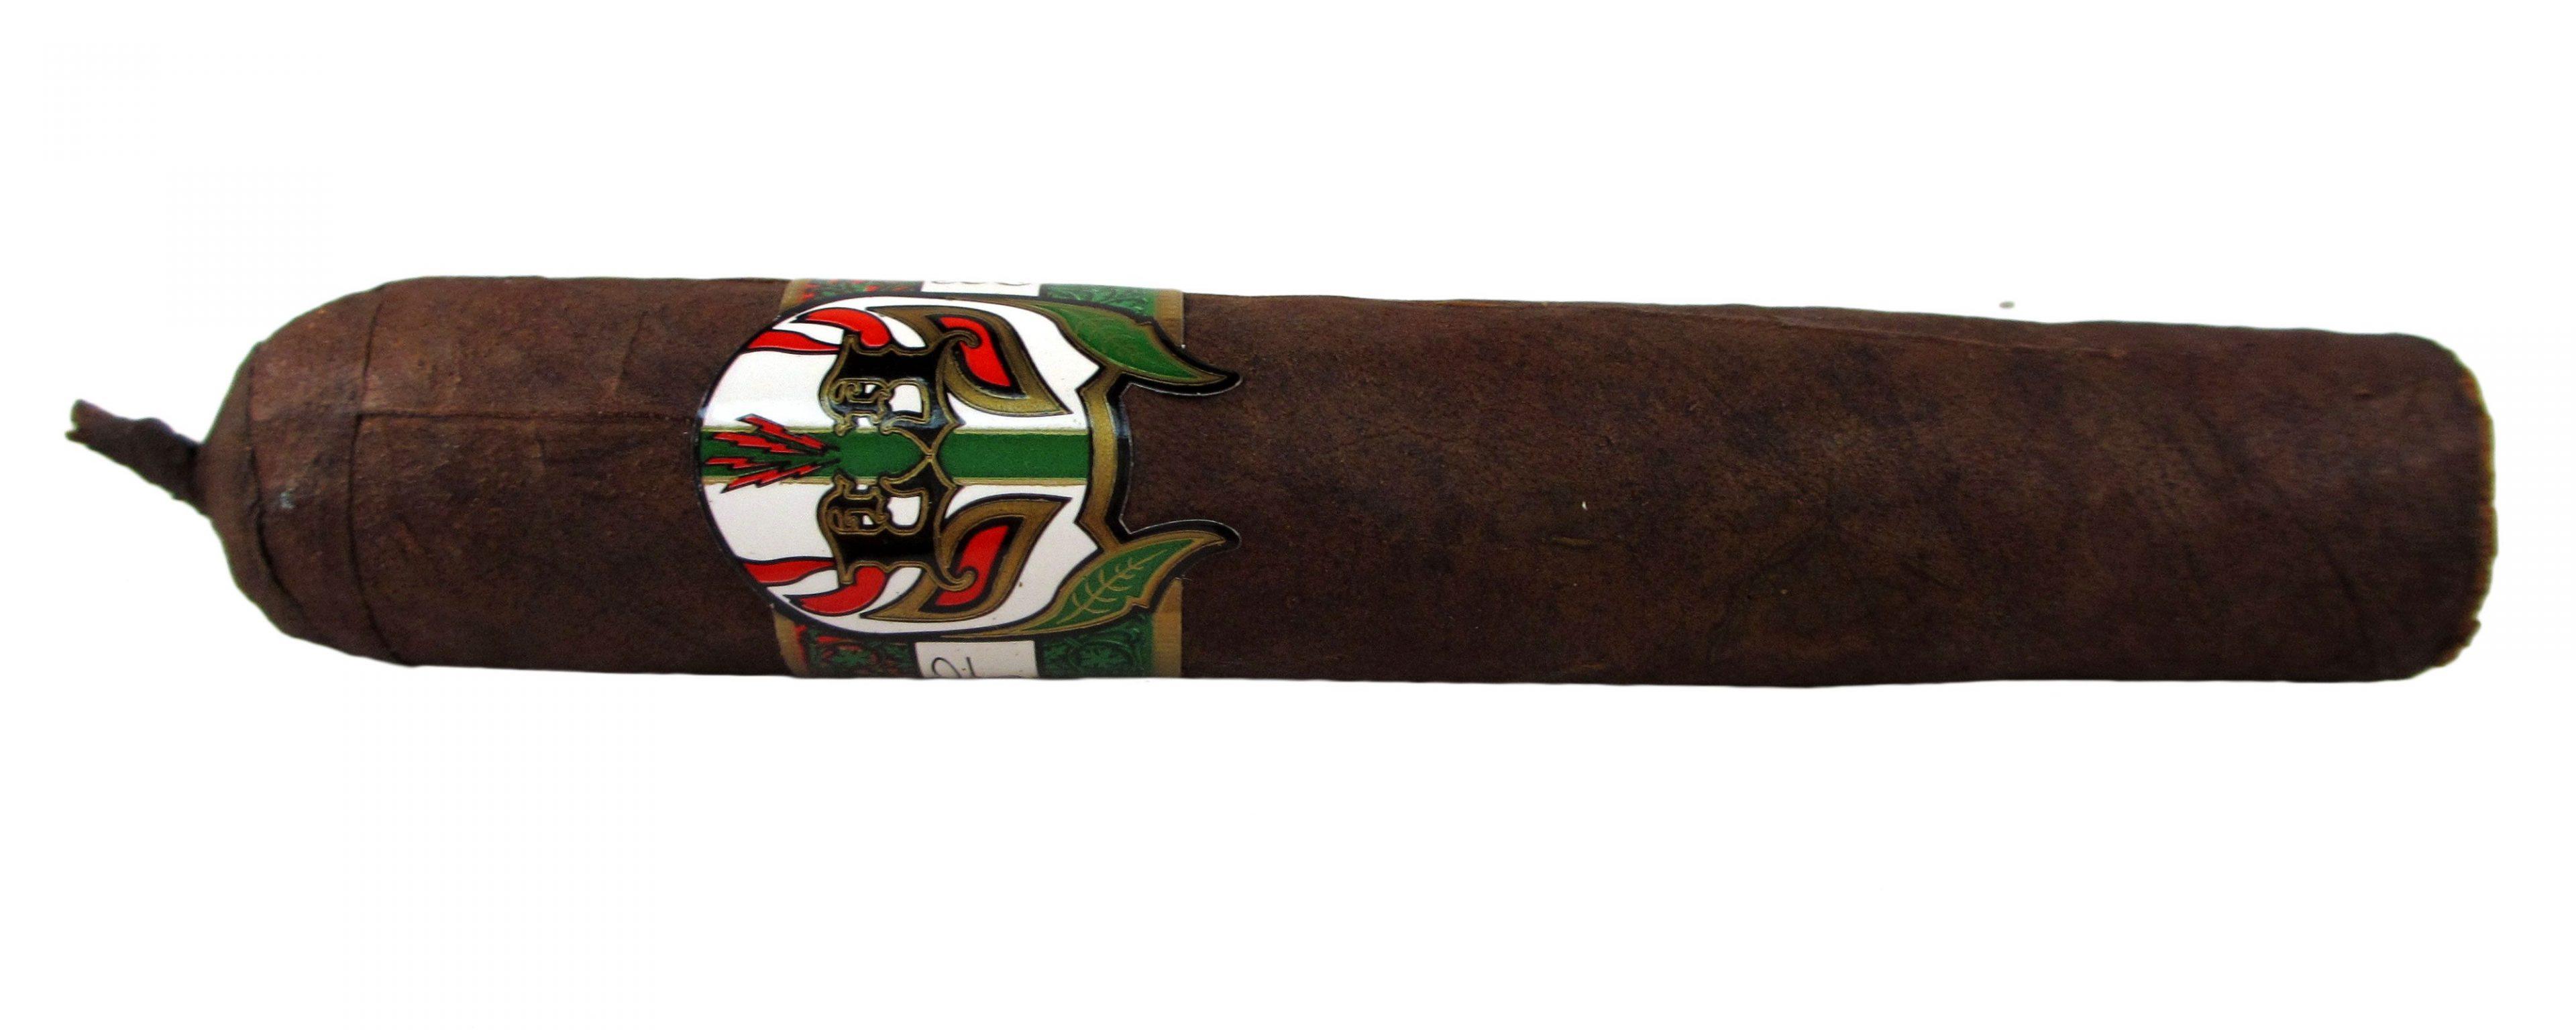 Blind Cigar Review: Leccia | Luchador El Hombre